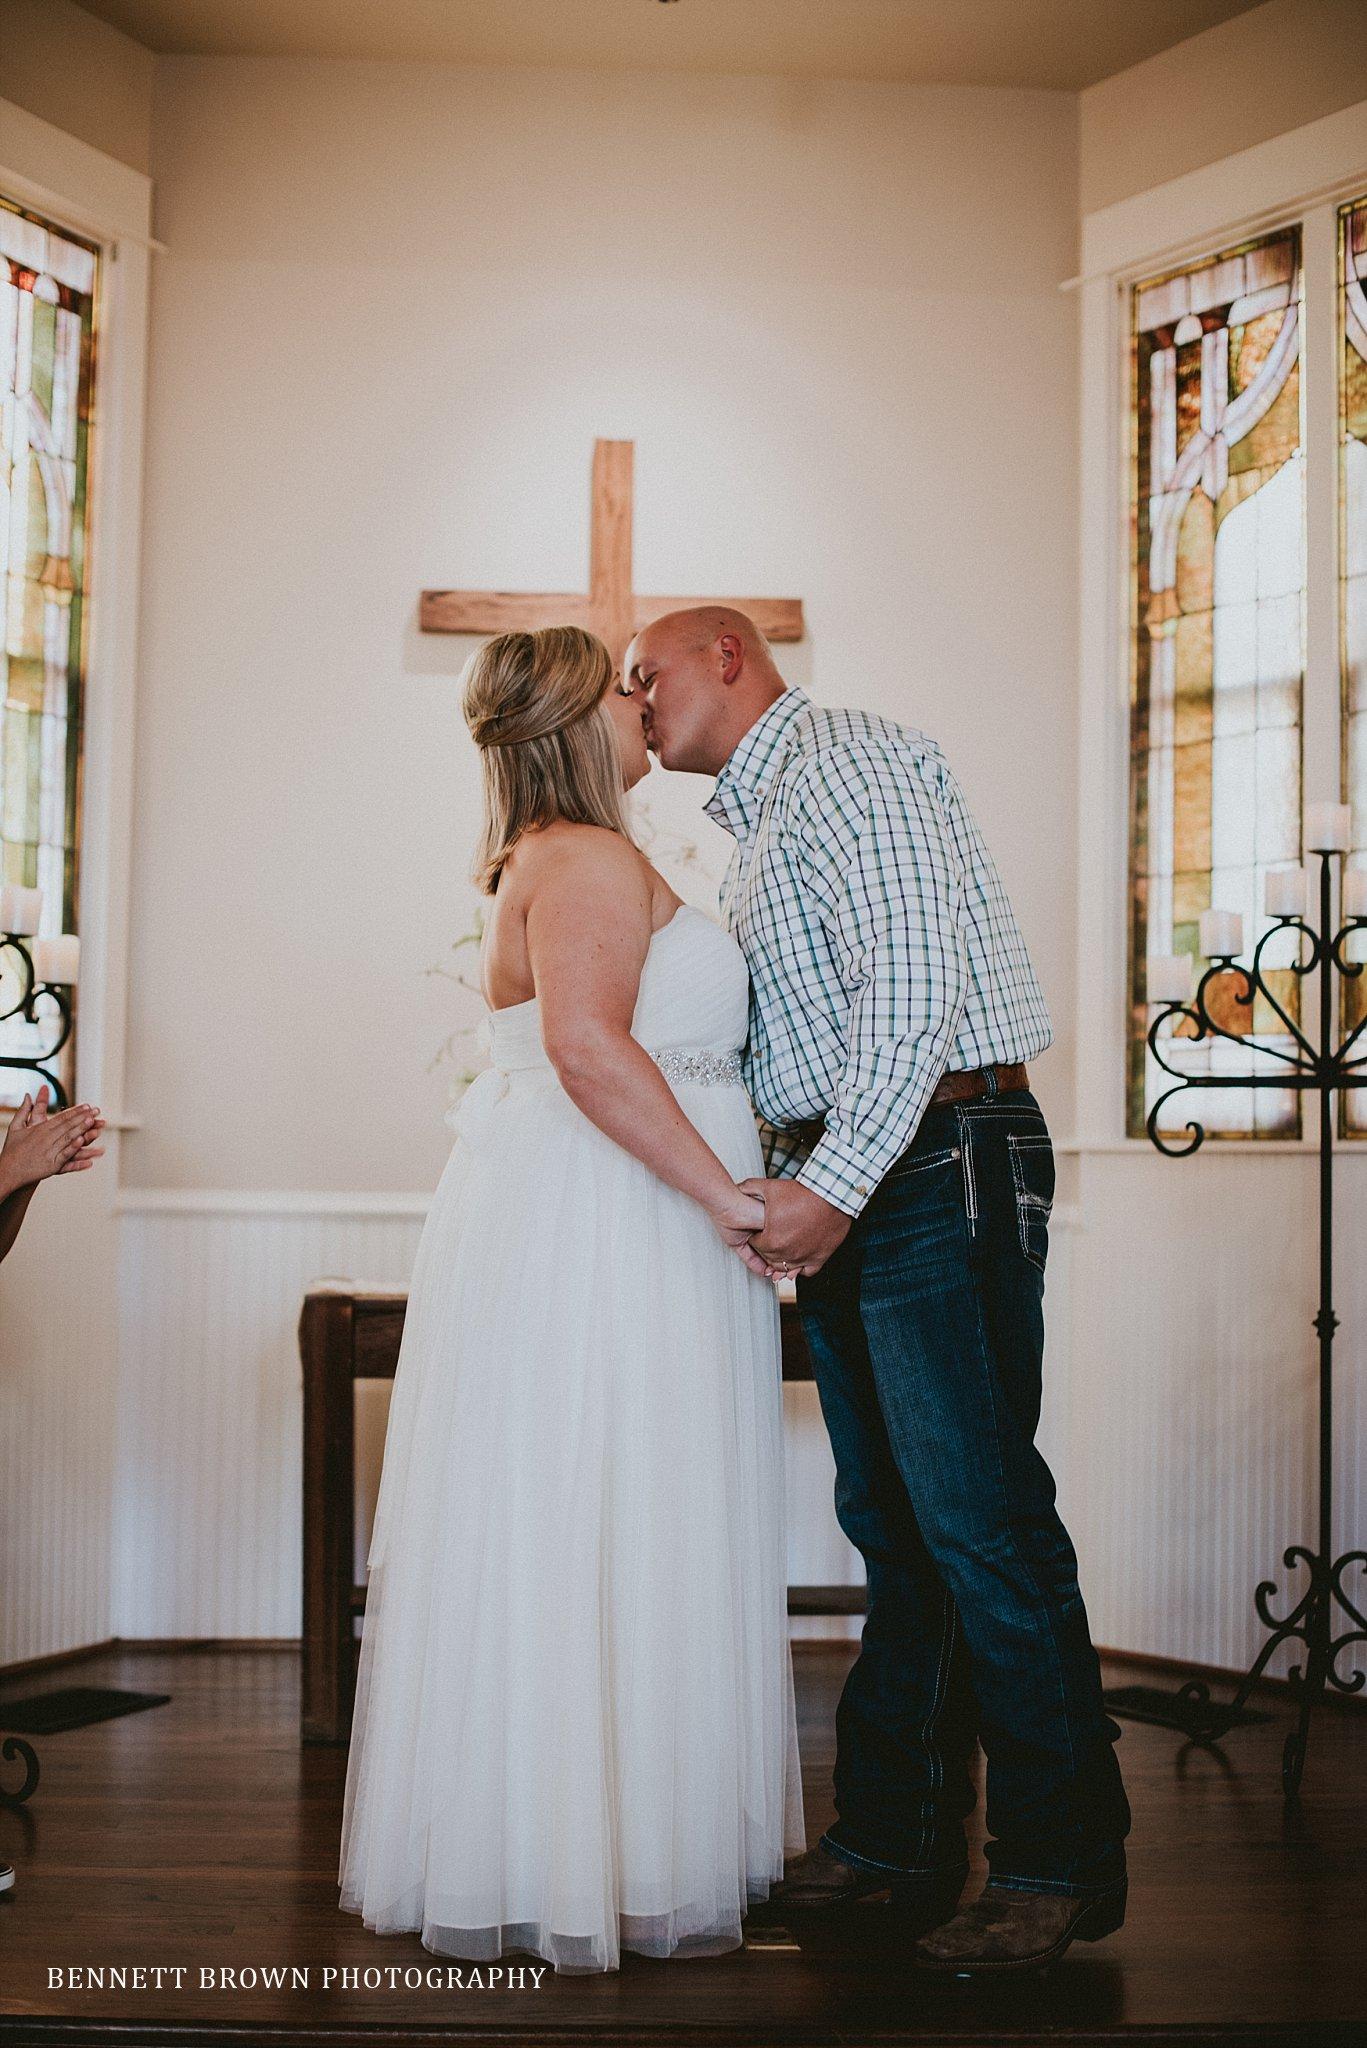 Bennett Brown Photography Chapel Church alter bride groom kiss